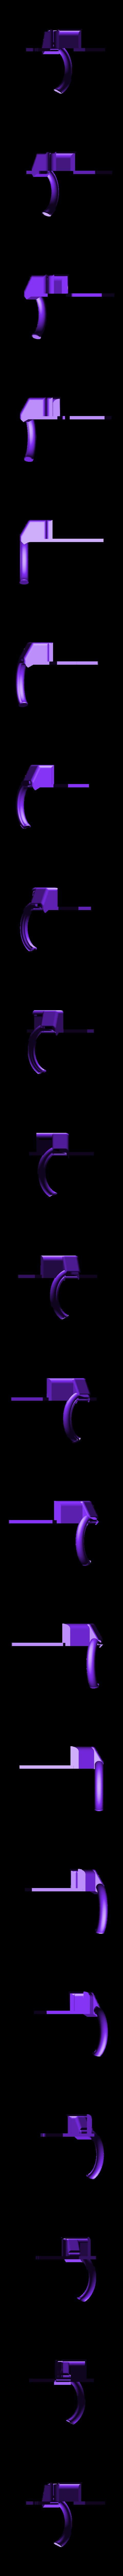 Cooling fan duct.stl Télécharger fichier STL gratuit Adaptateur E3d v6 pour Flyingbear P902 • Design à imprimer en 3D, Brignetti_Longoni